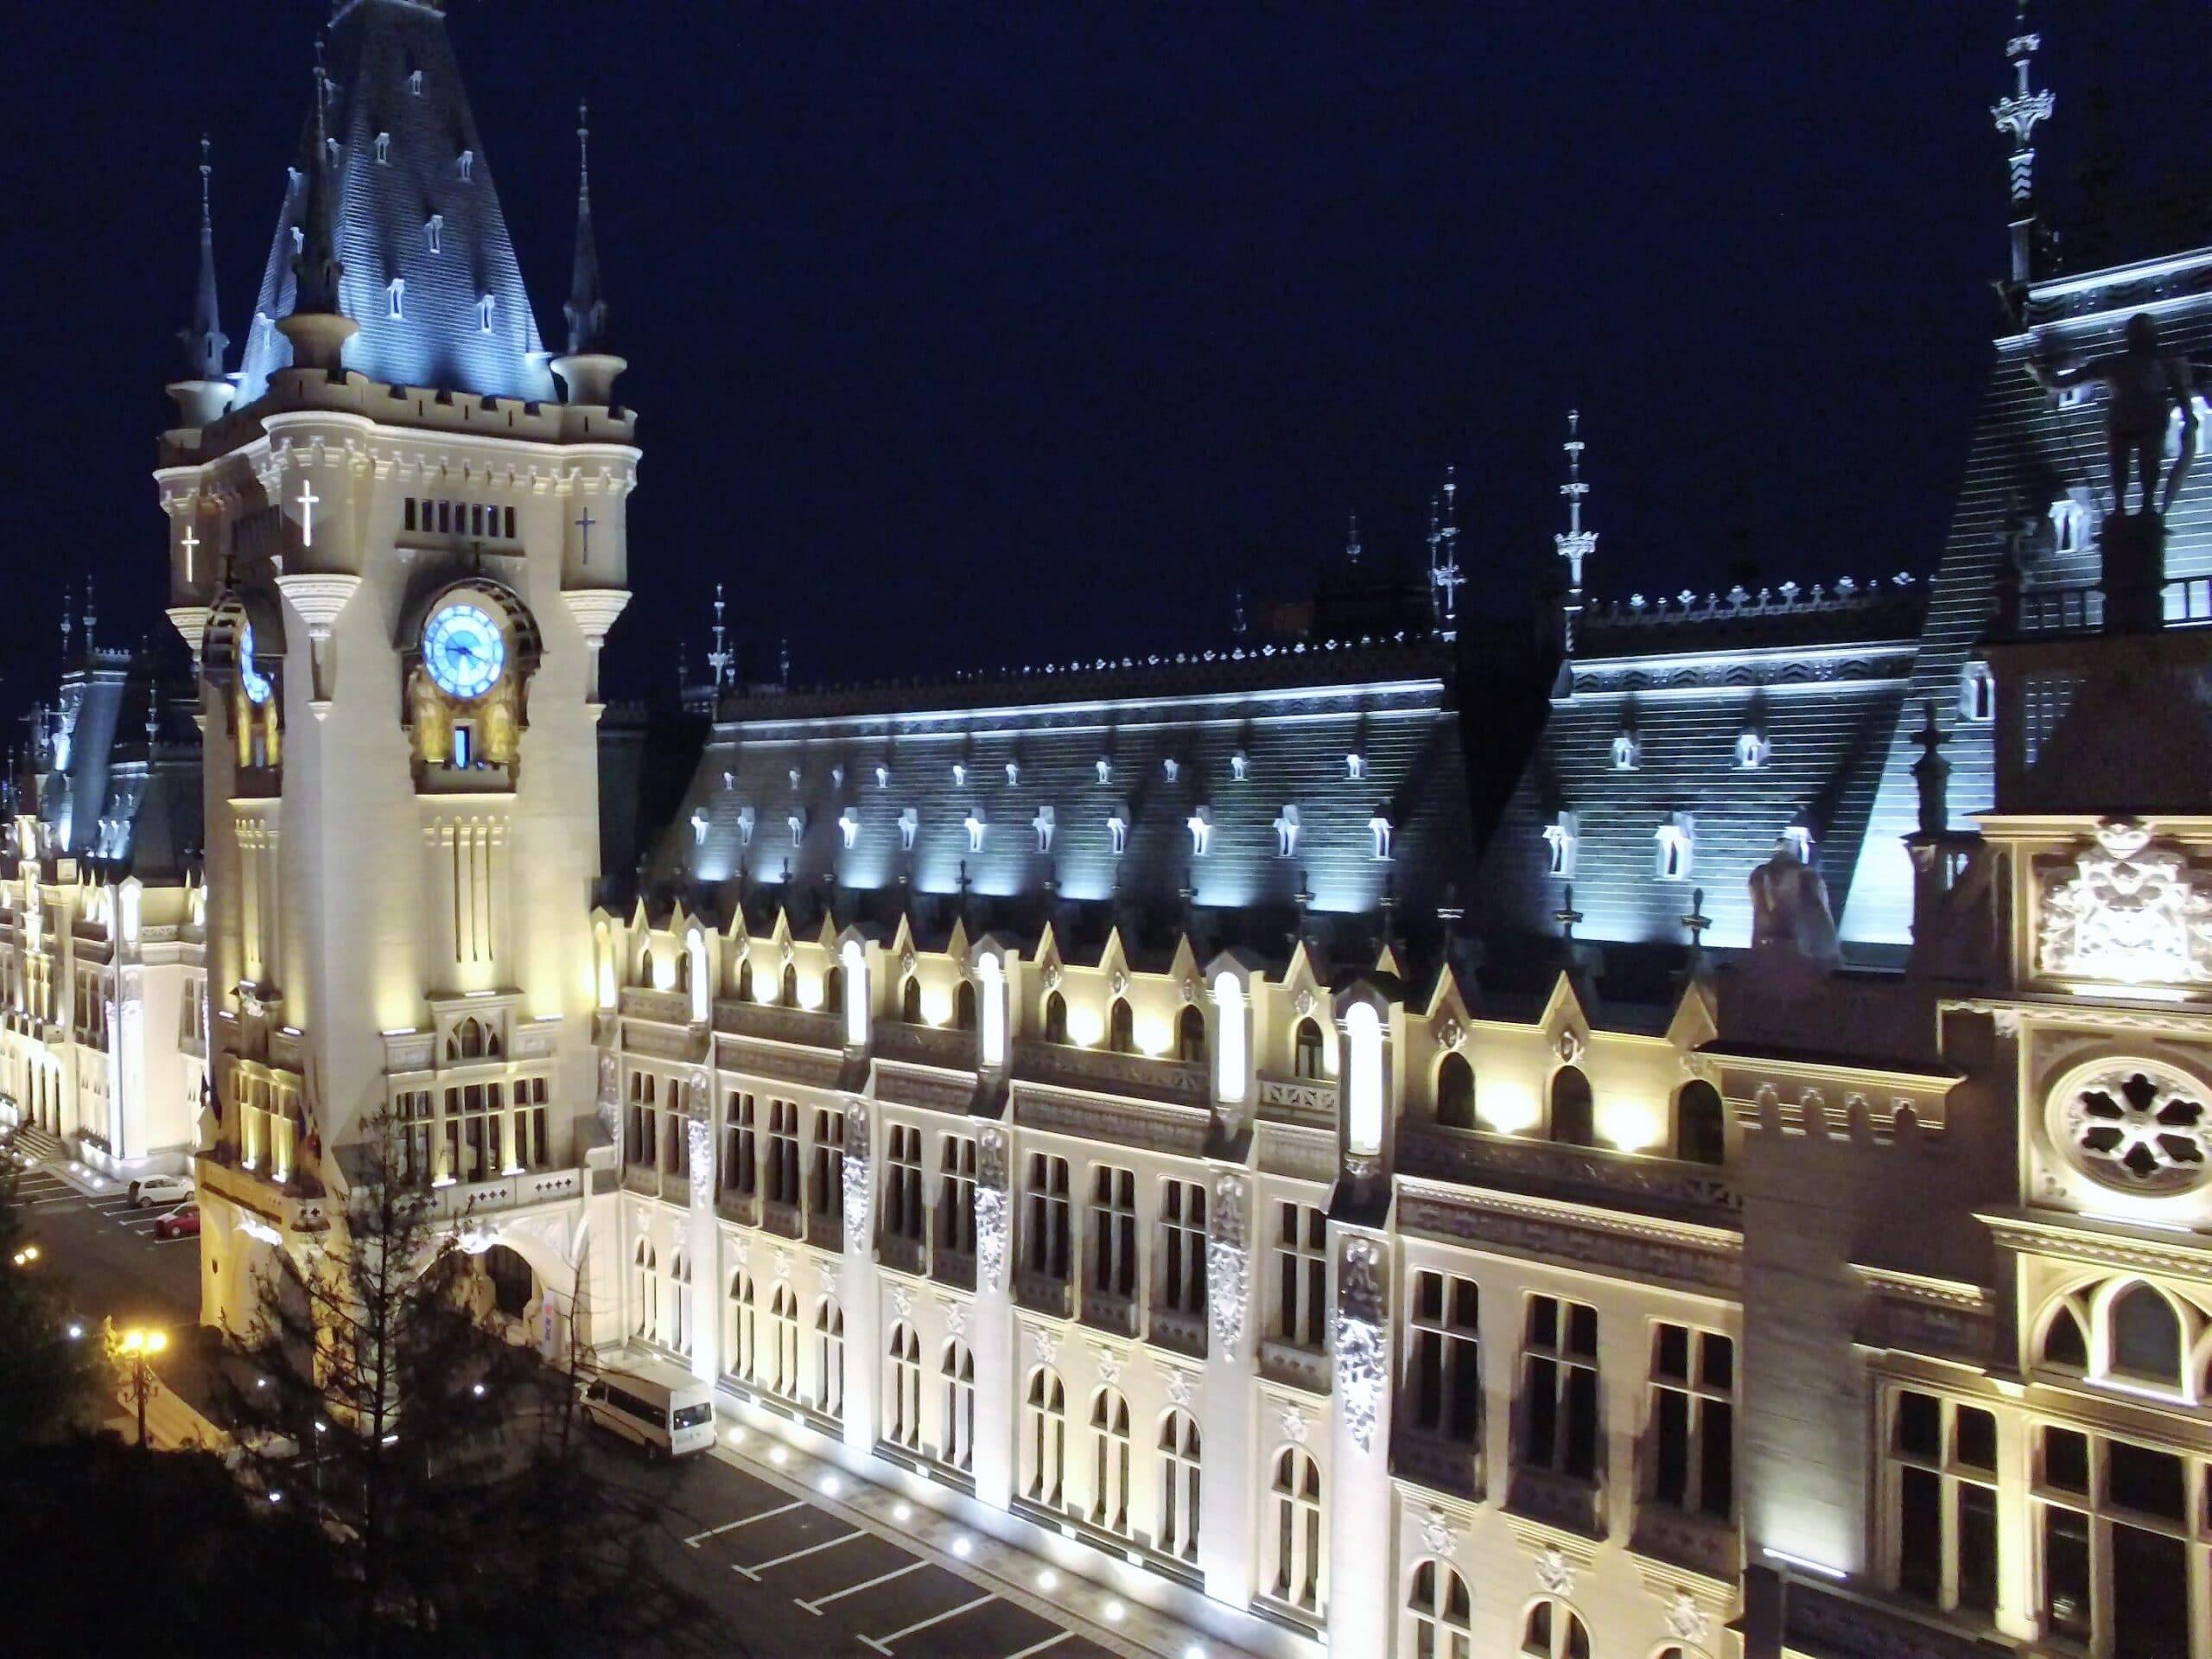 Palatul Culturii Iași Palatul Culturii Iasi 2 scaled